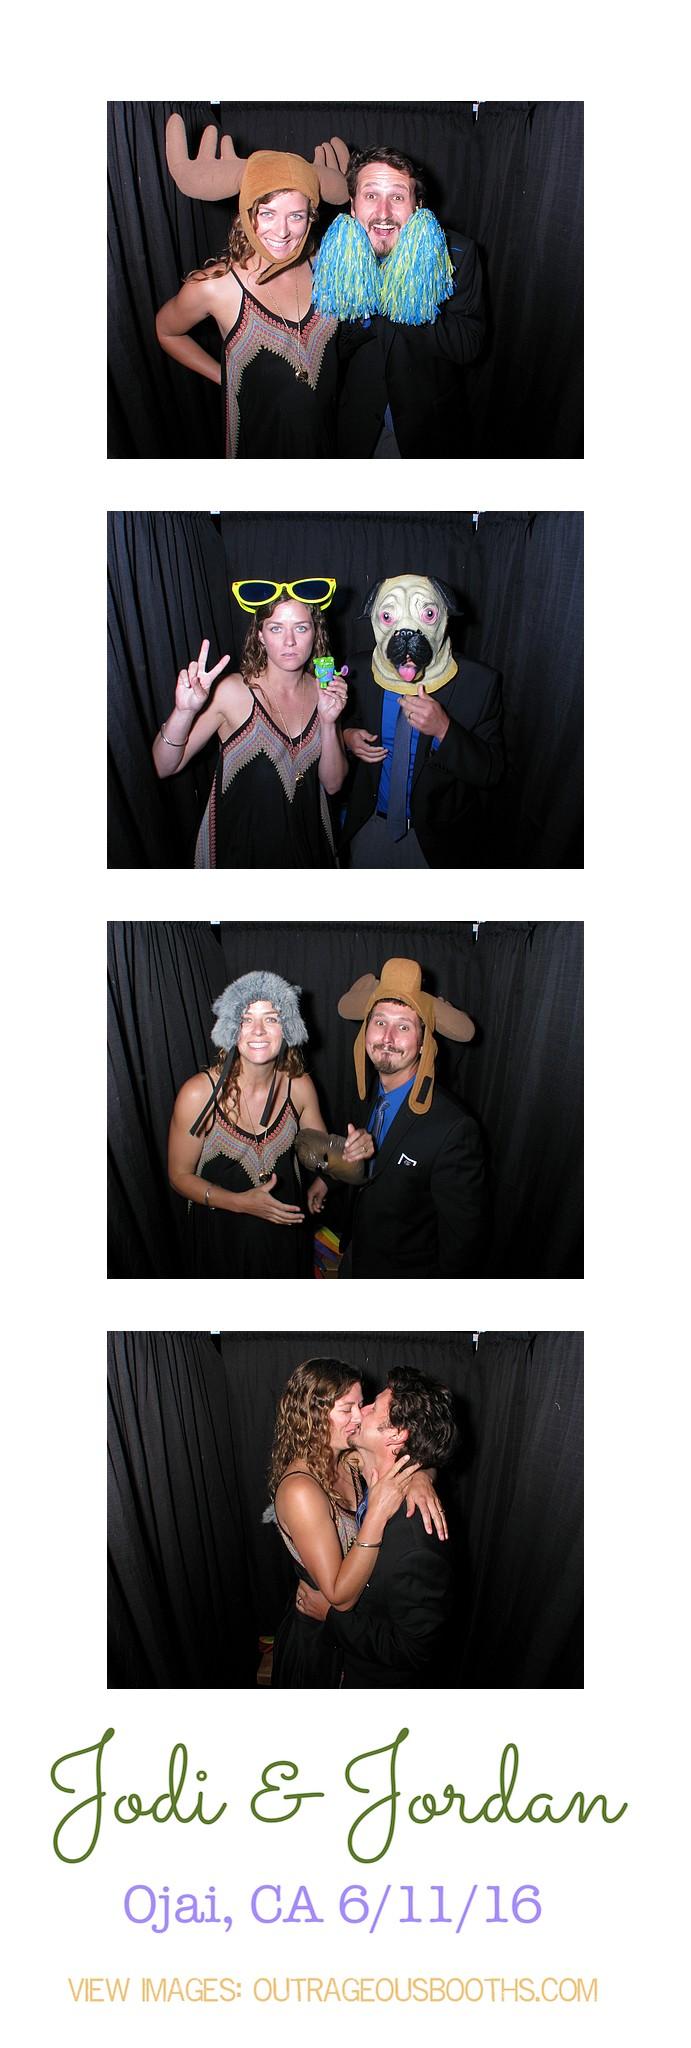 06-11-16 Jodi & Jordan